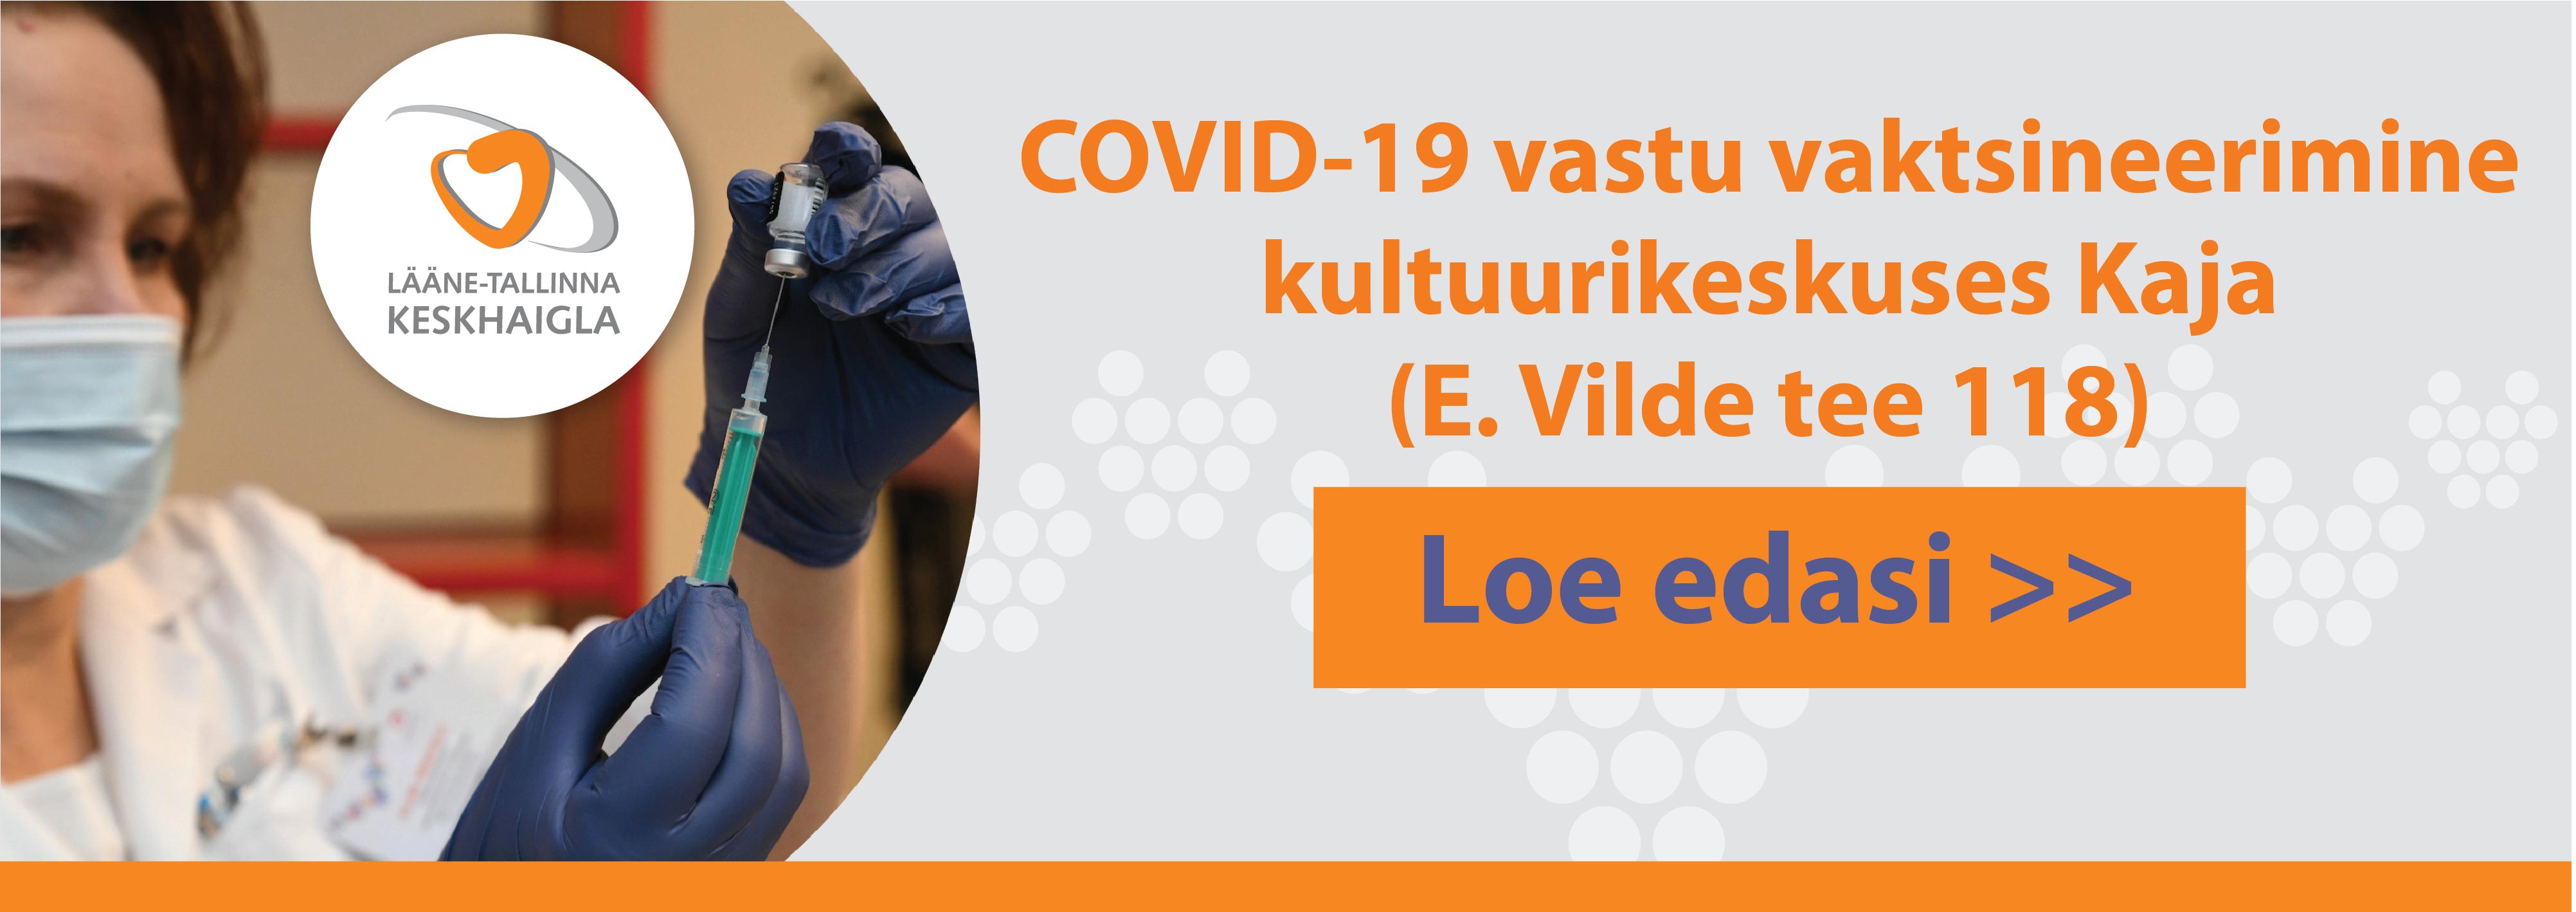 slider_covid-19-vaktsineerimine-Kaja-EST